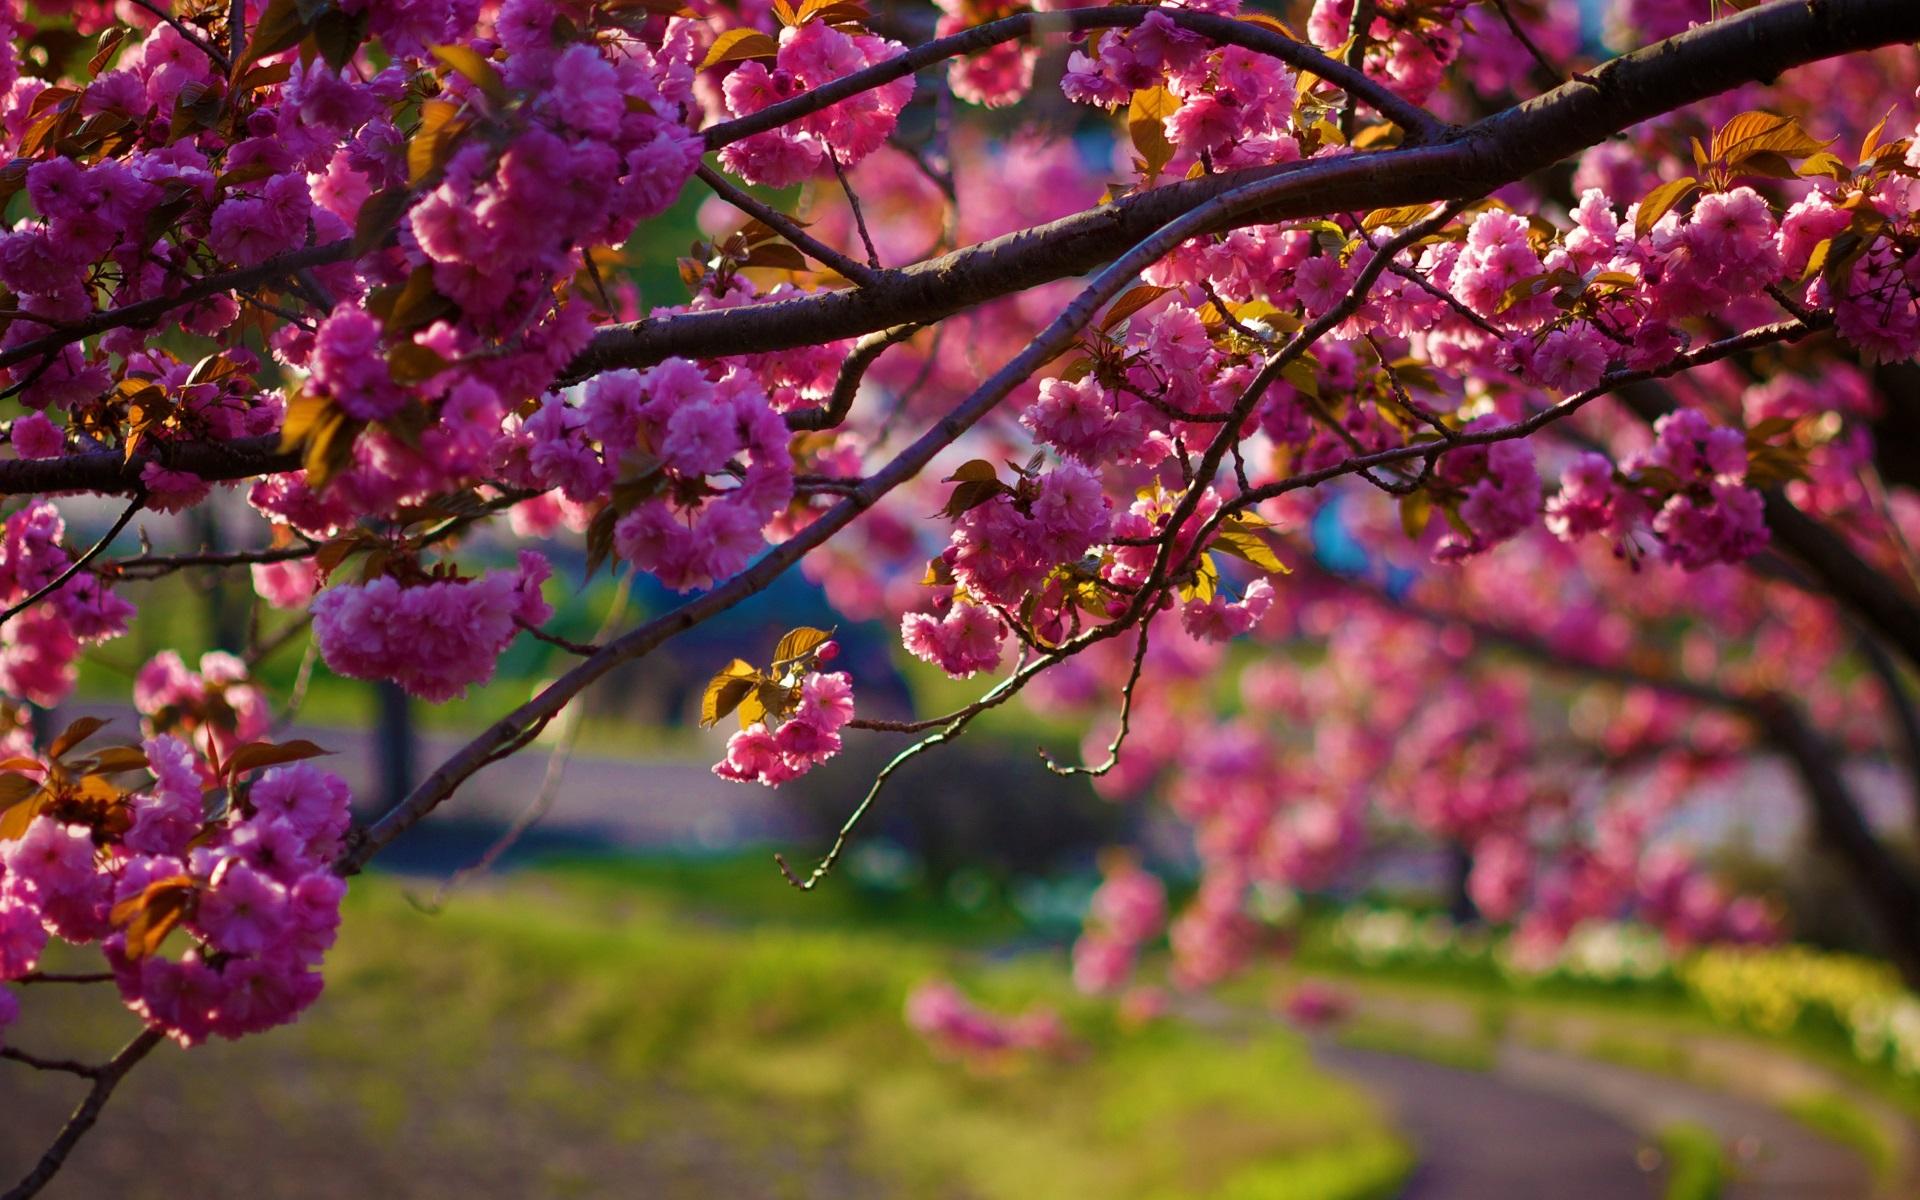 обещает фото весна природа хорошего качества знаете что девочка